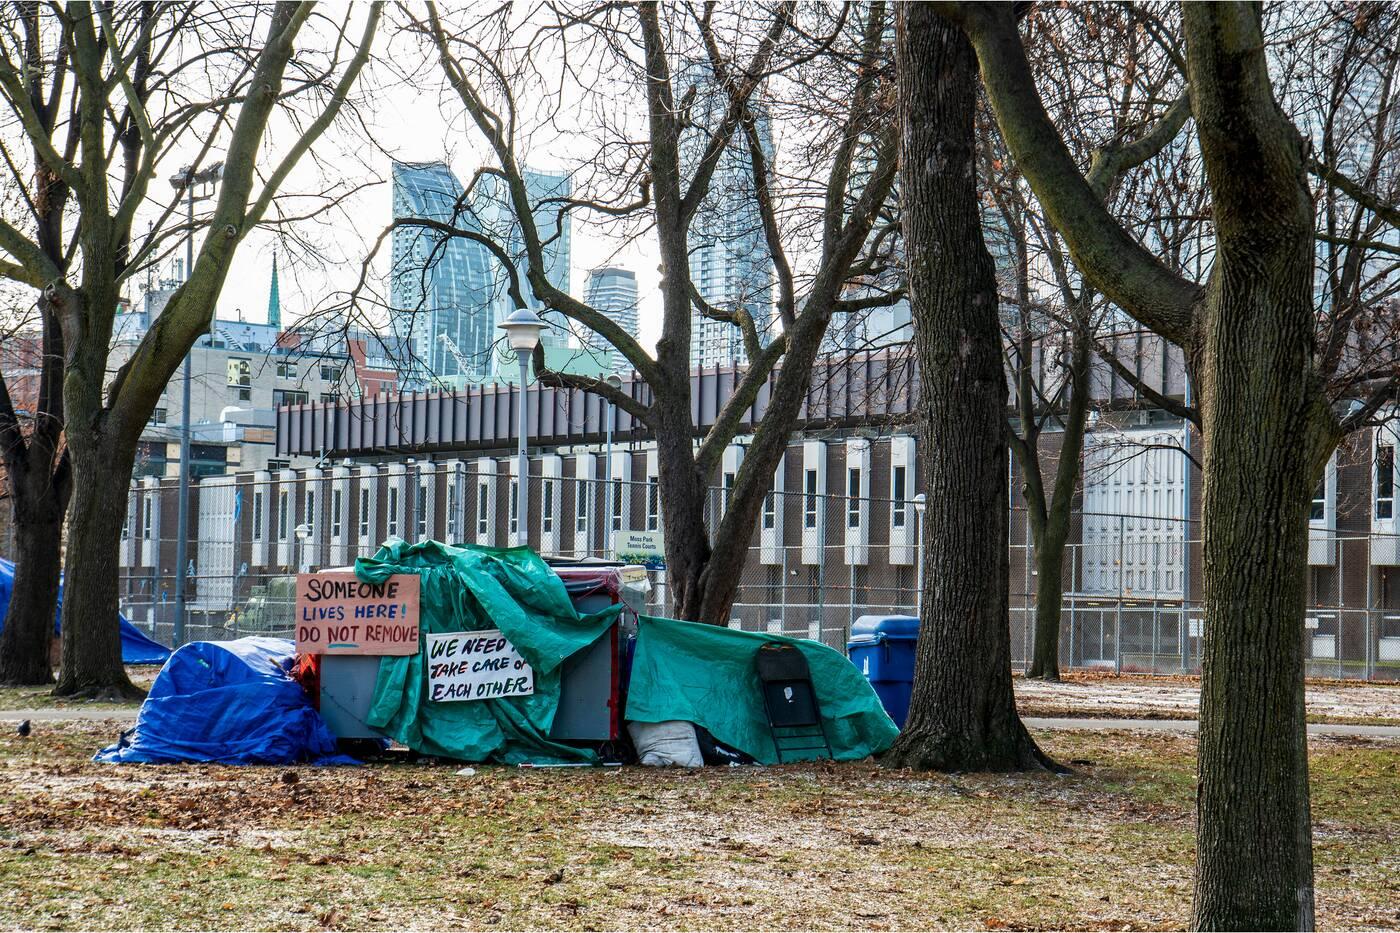 toronto gardiner fake encampment